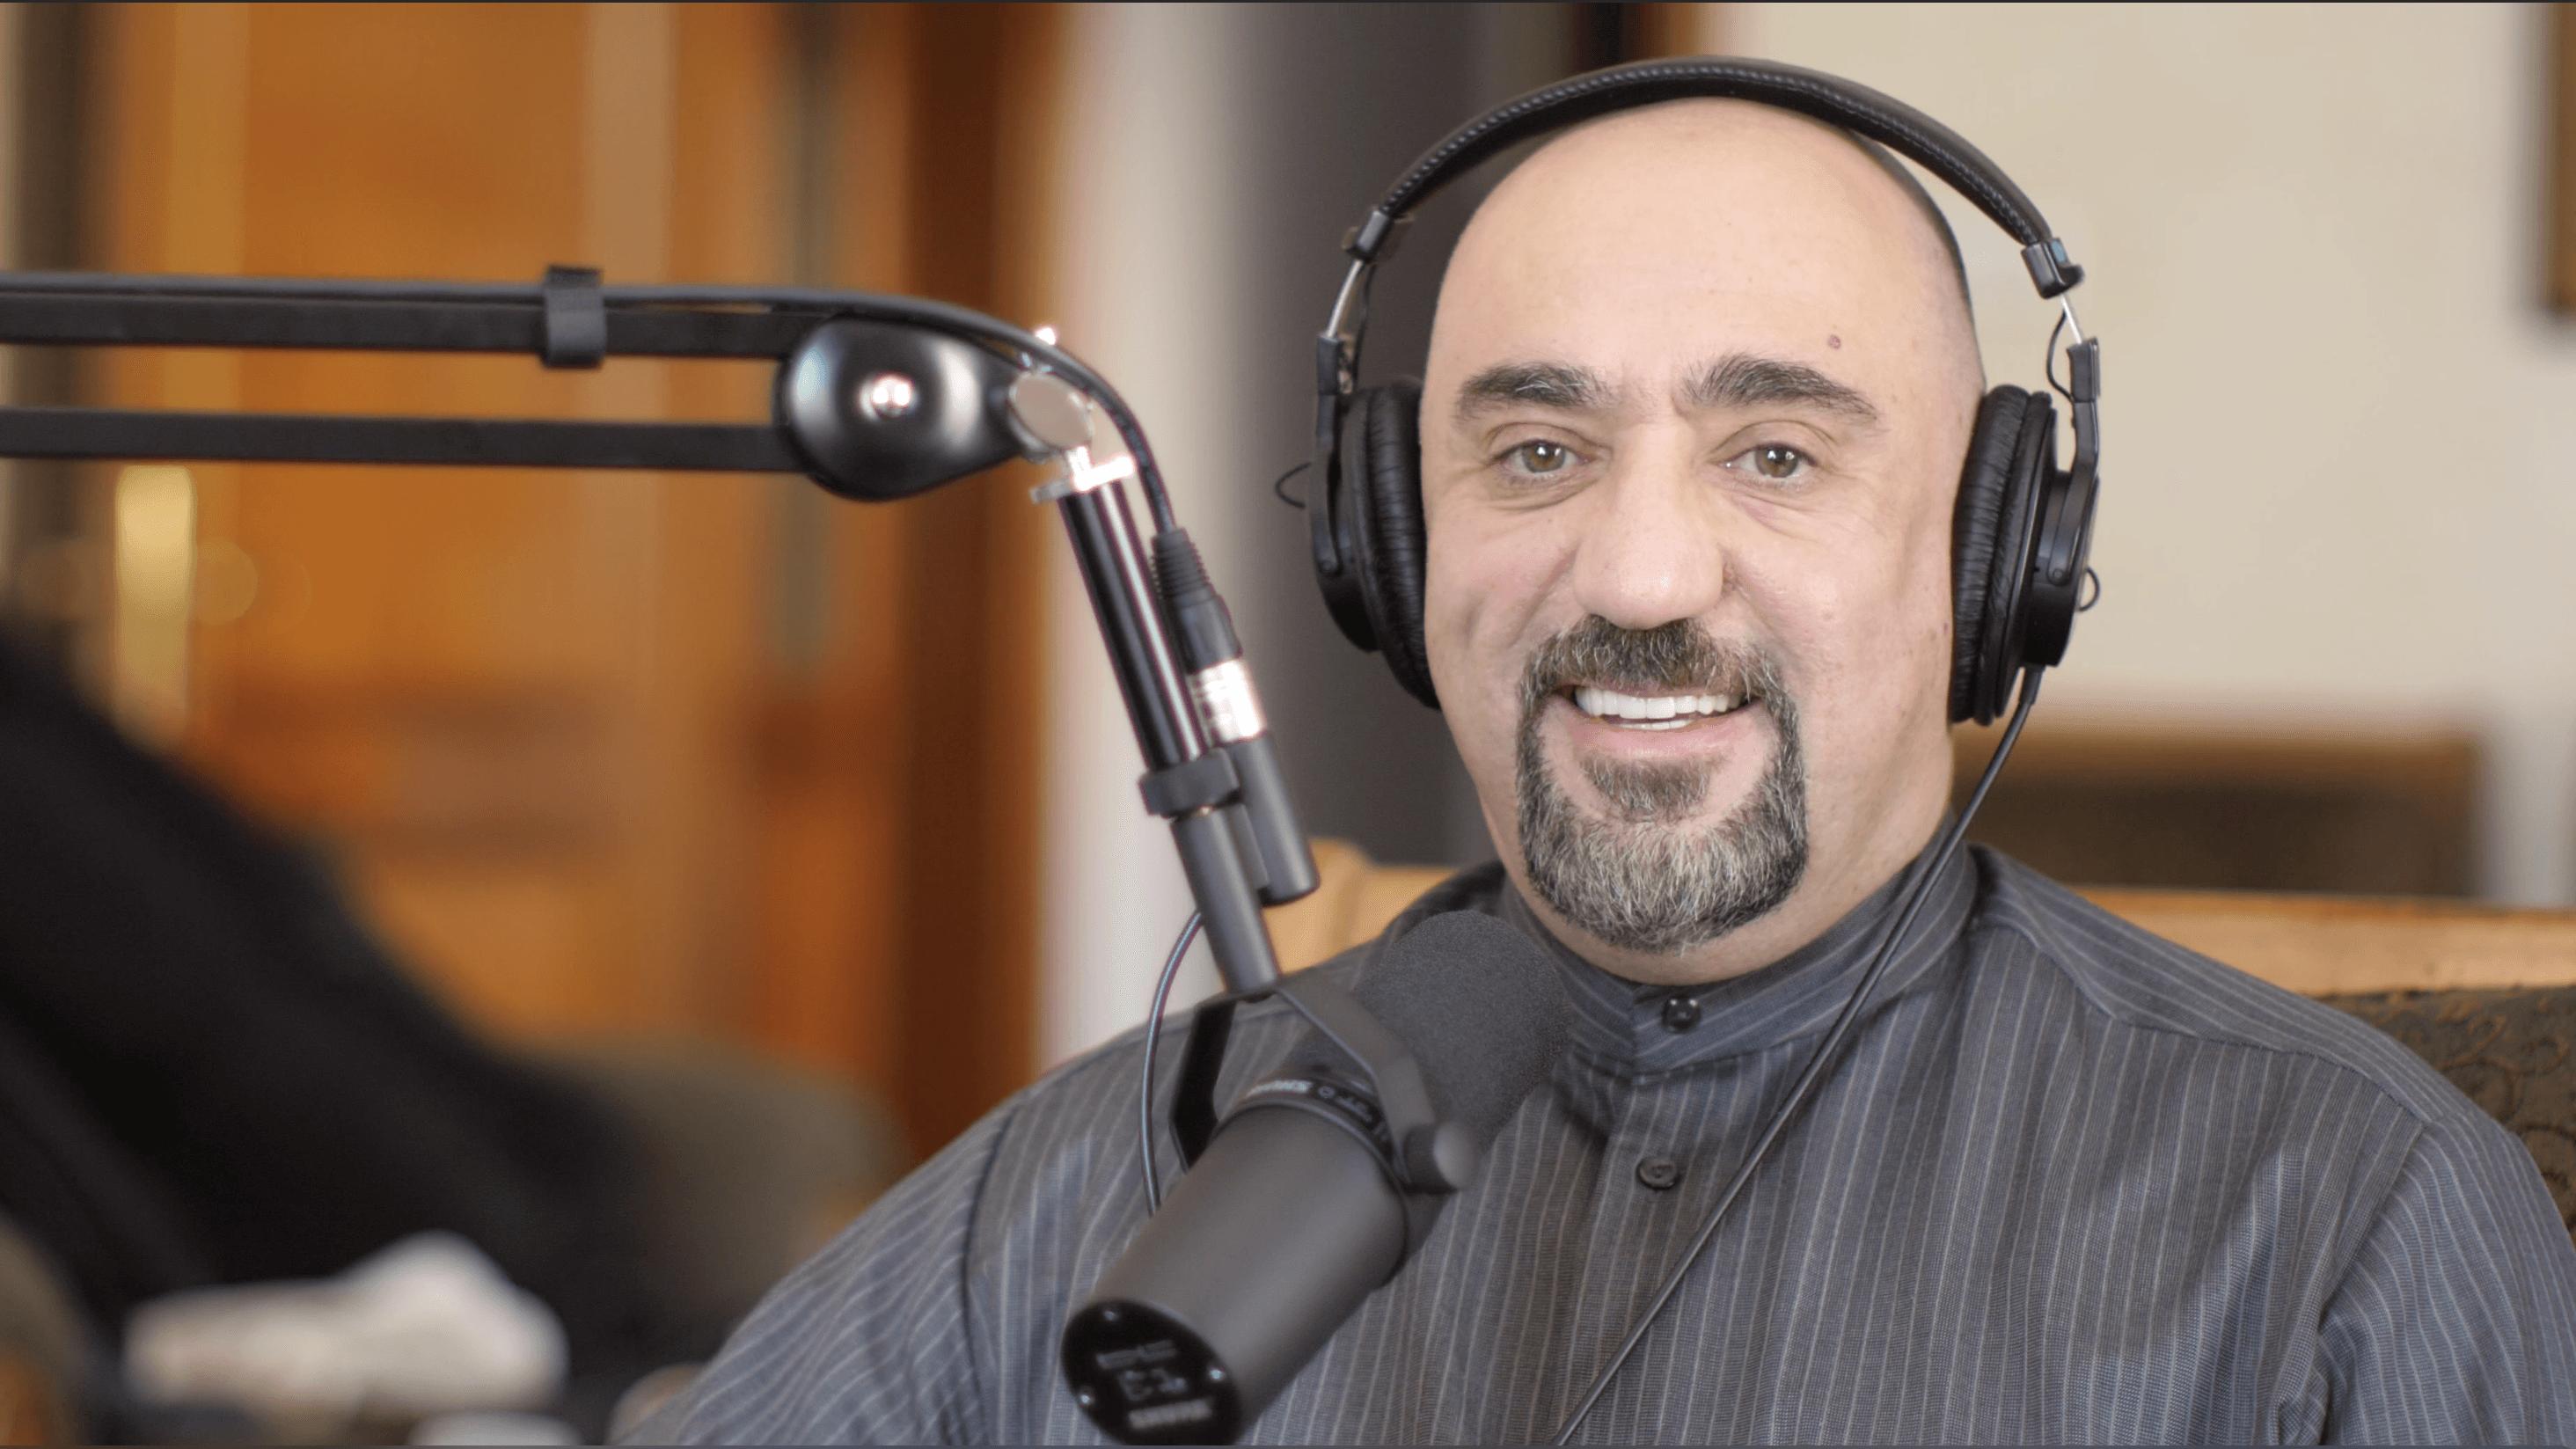 الدكتور محمد قاسم يشرح مستقبل البشر